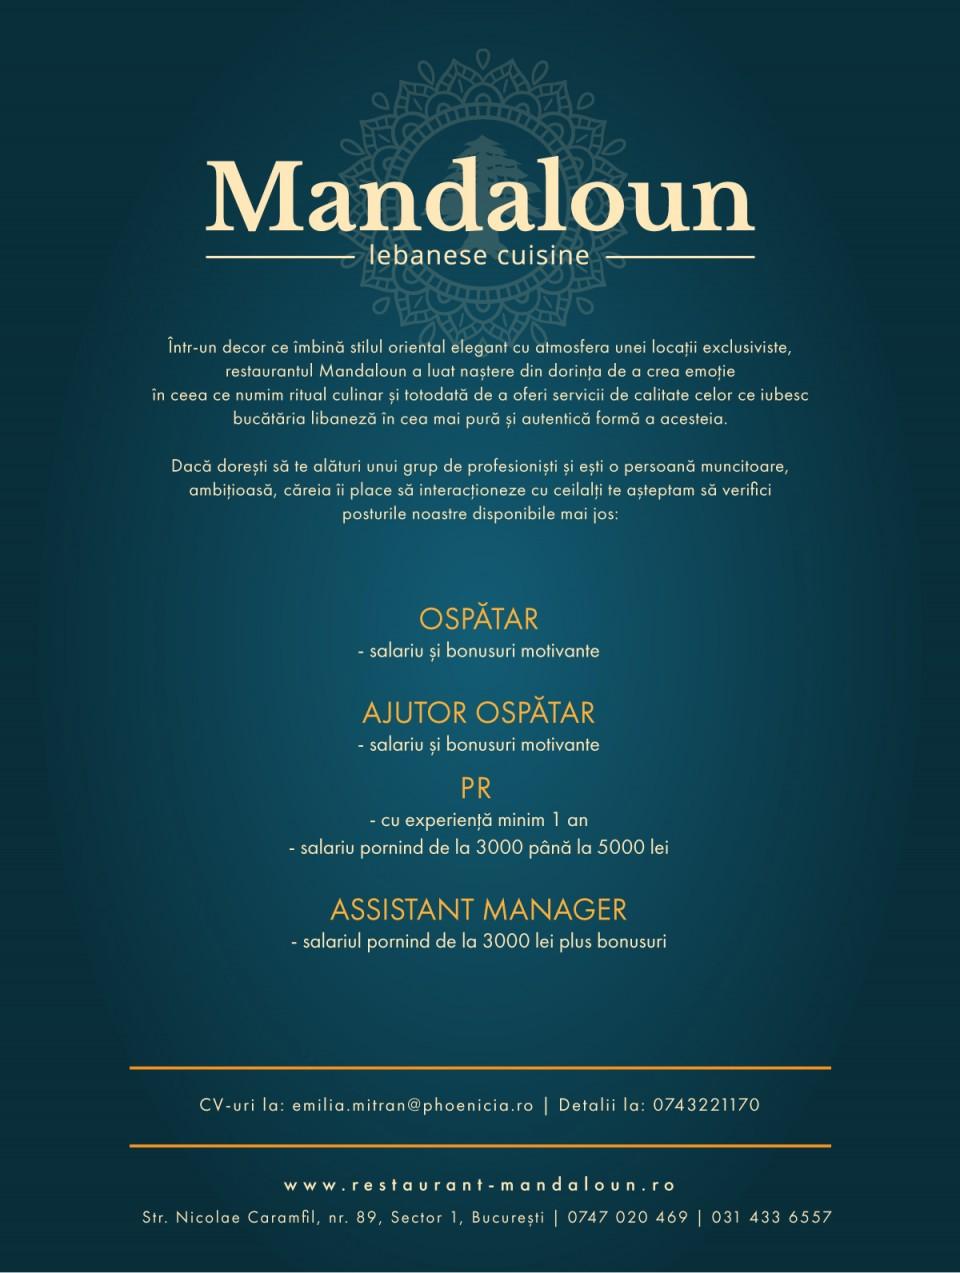 Ospatar,ajutor ospatar,PR, Assistant manager